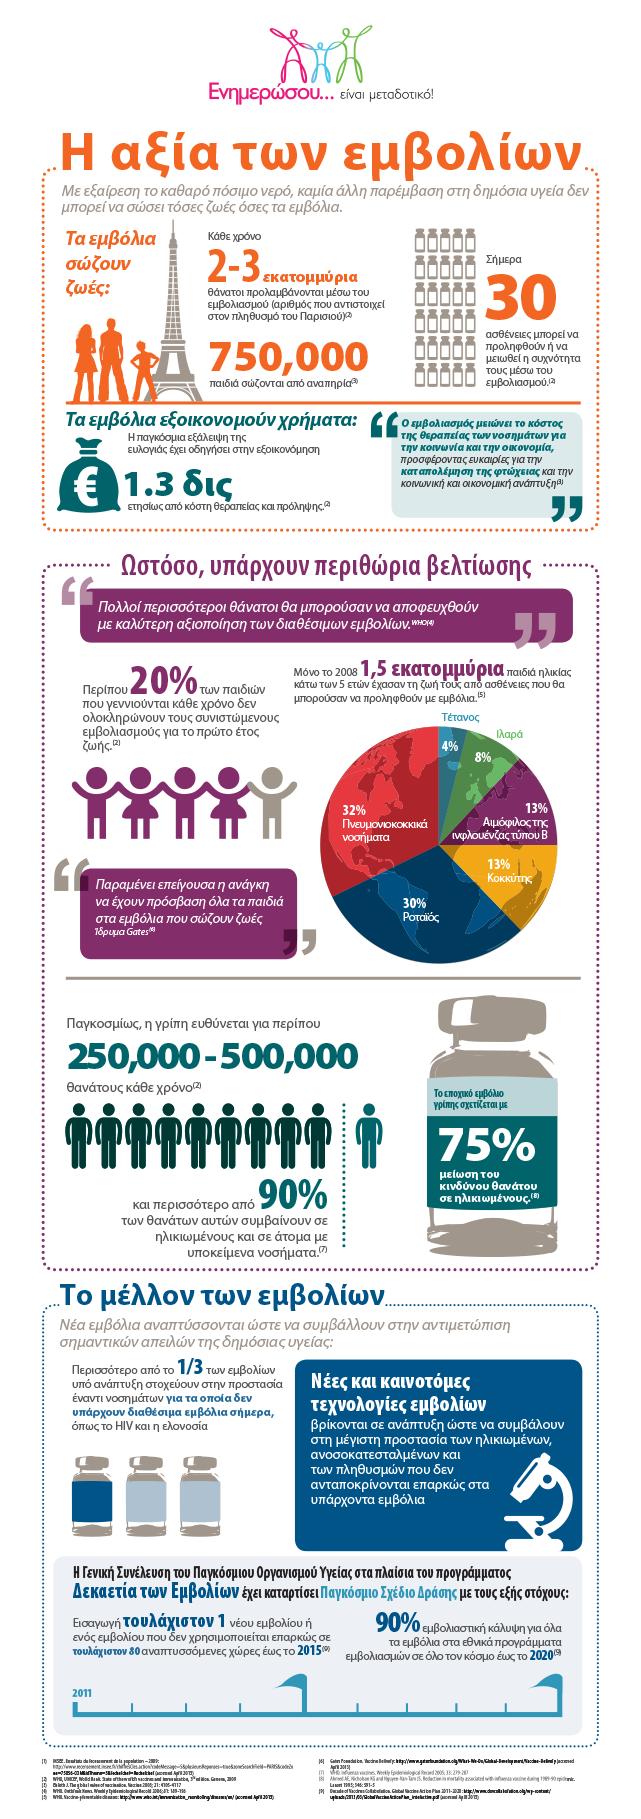 Η αξία των εμβολίων - Infographic